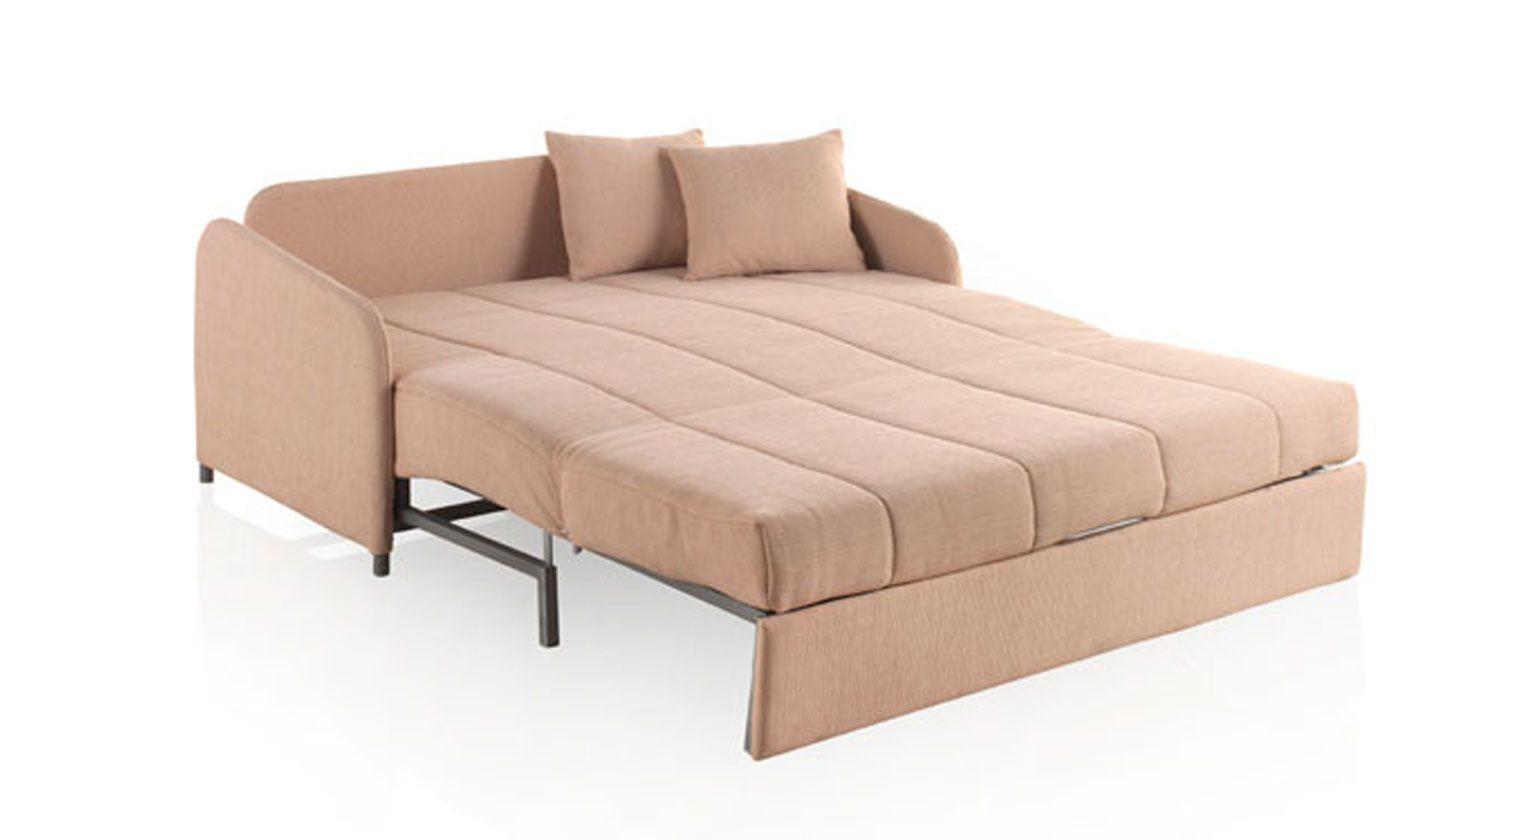 Sof cama dijon sofas cama extensible nido - Sofas 2 plazas pequenos ...